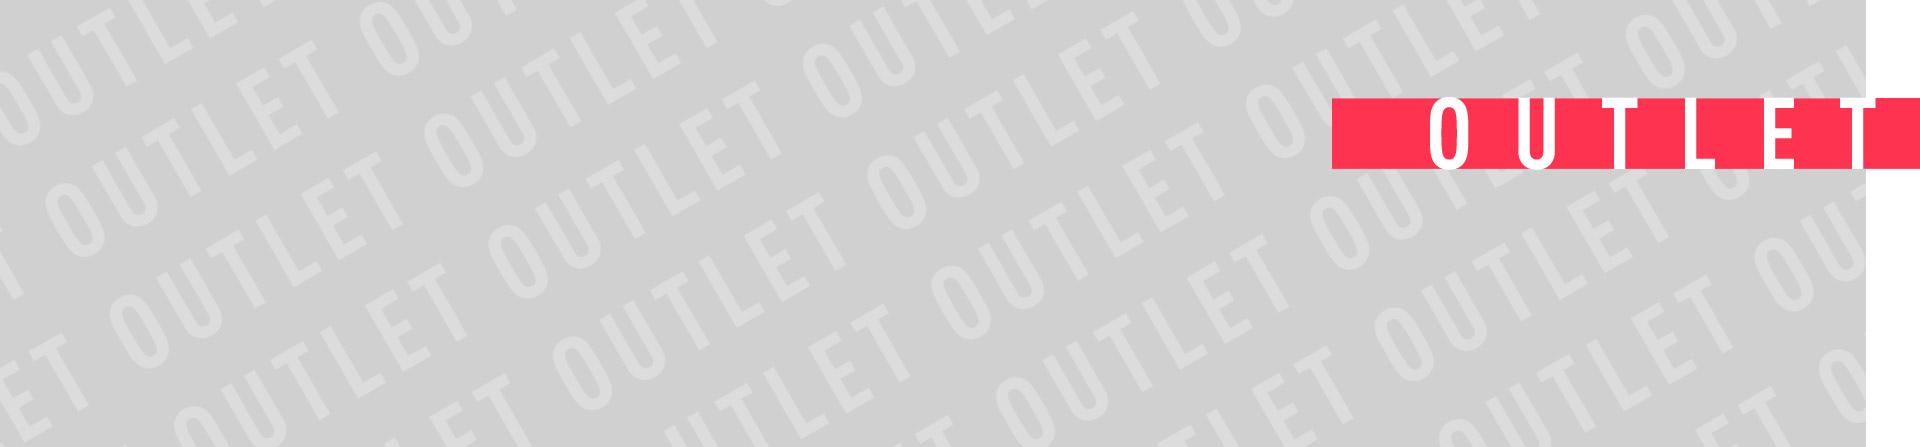 Outlet - Children